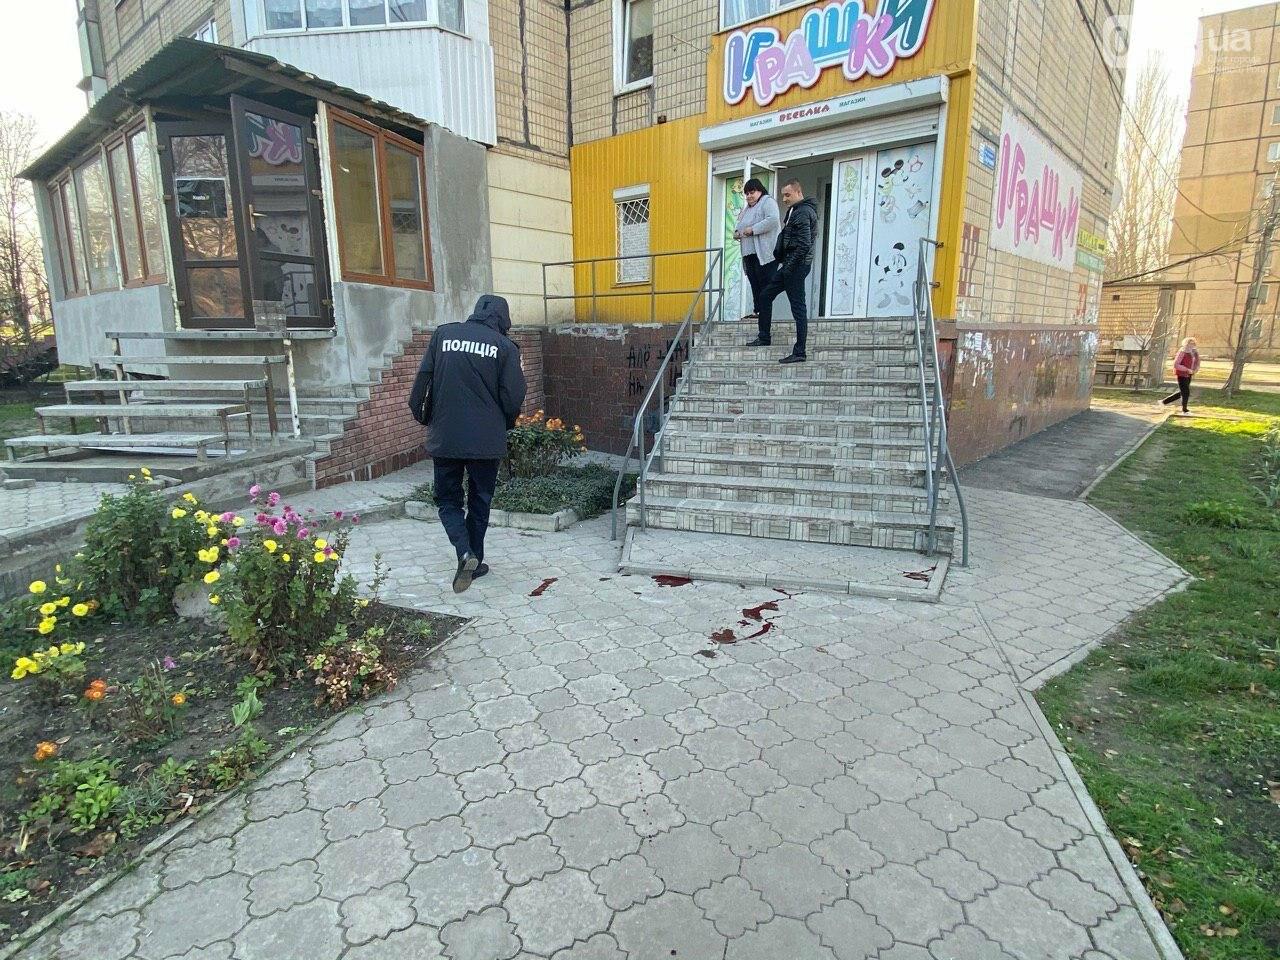 В Кривом Роге из окна 11 этажа выпал мужчина, - ФОТО 18+, фото-13